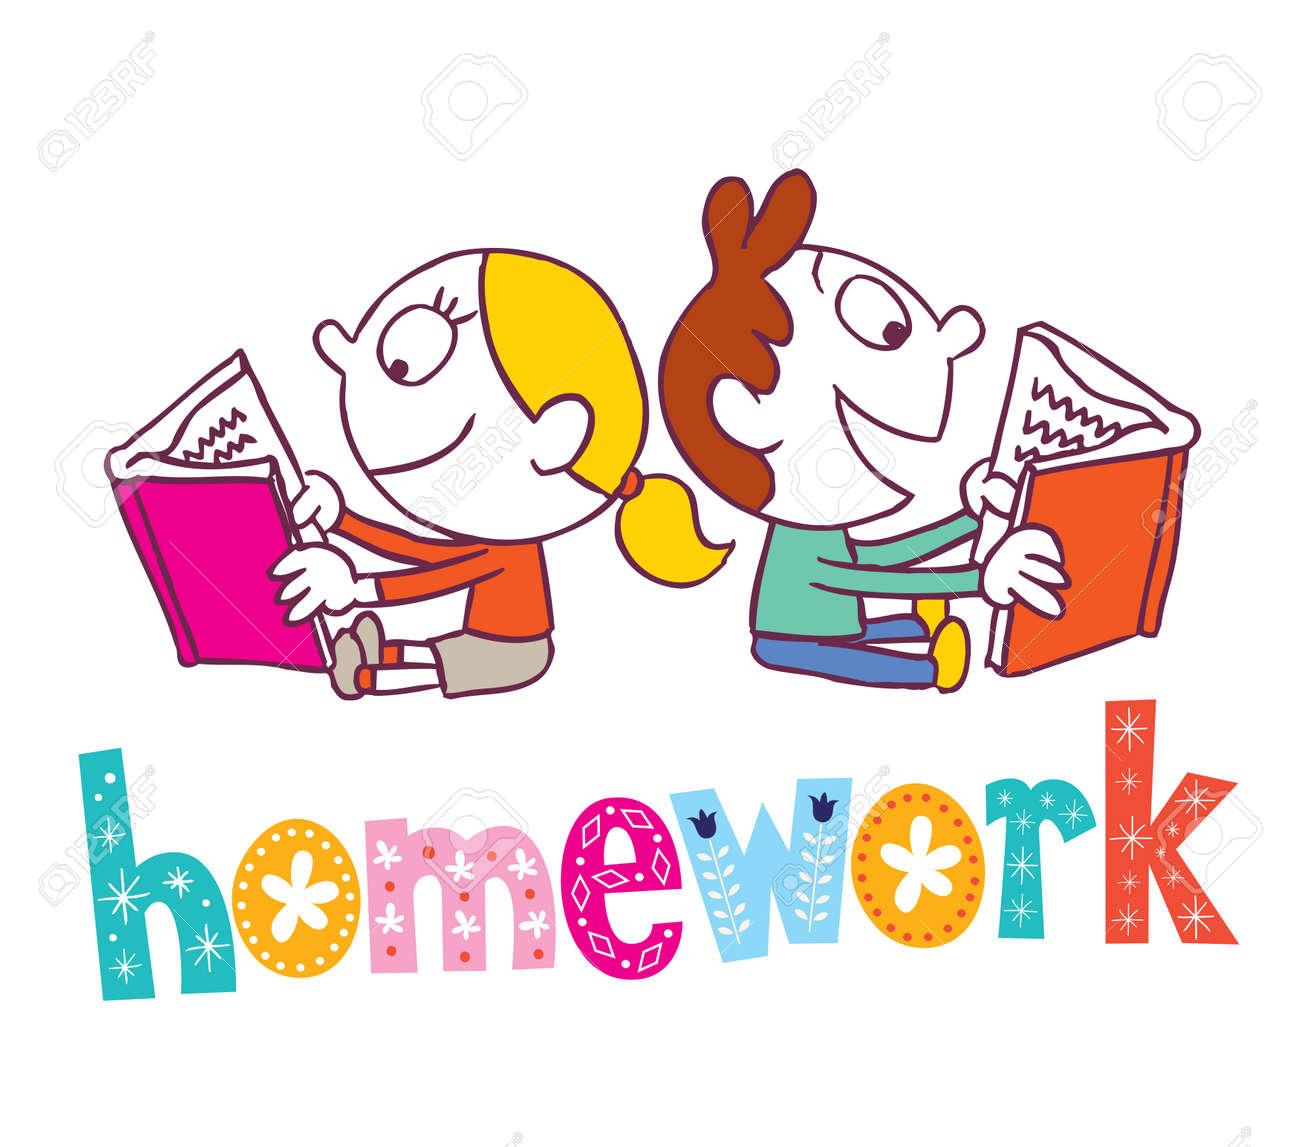 宿題 本を読む子供のイラスト素材ベクタ Image 54529600